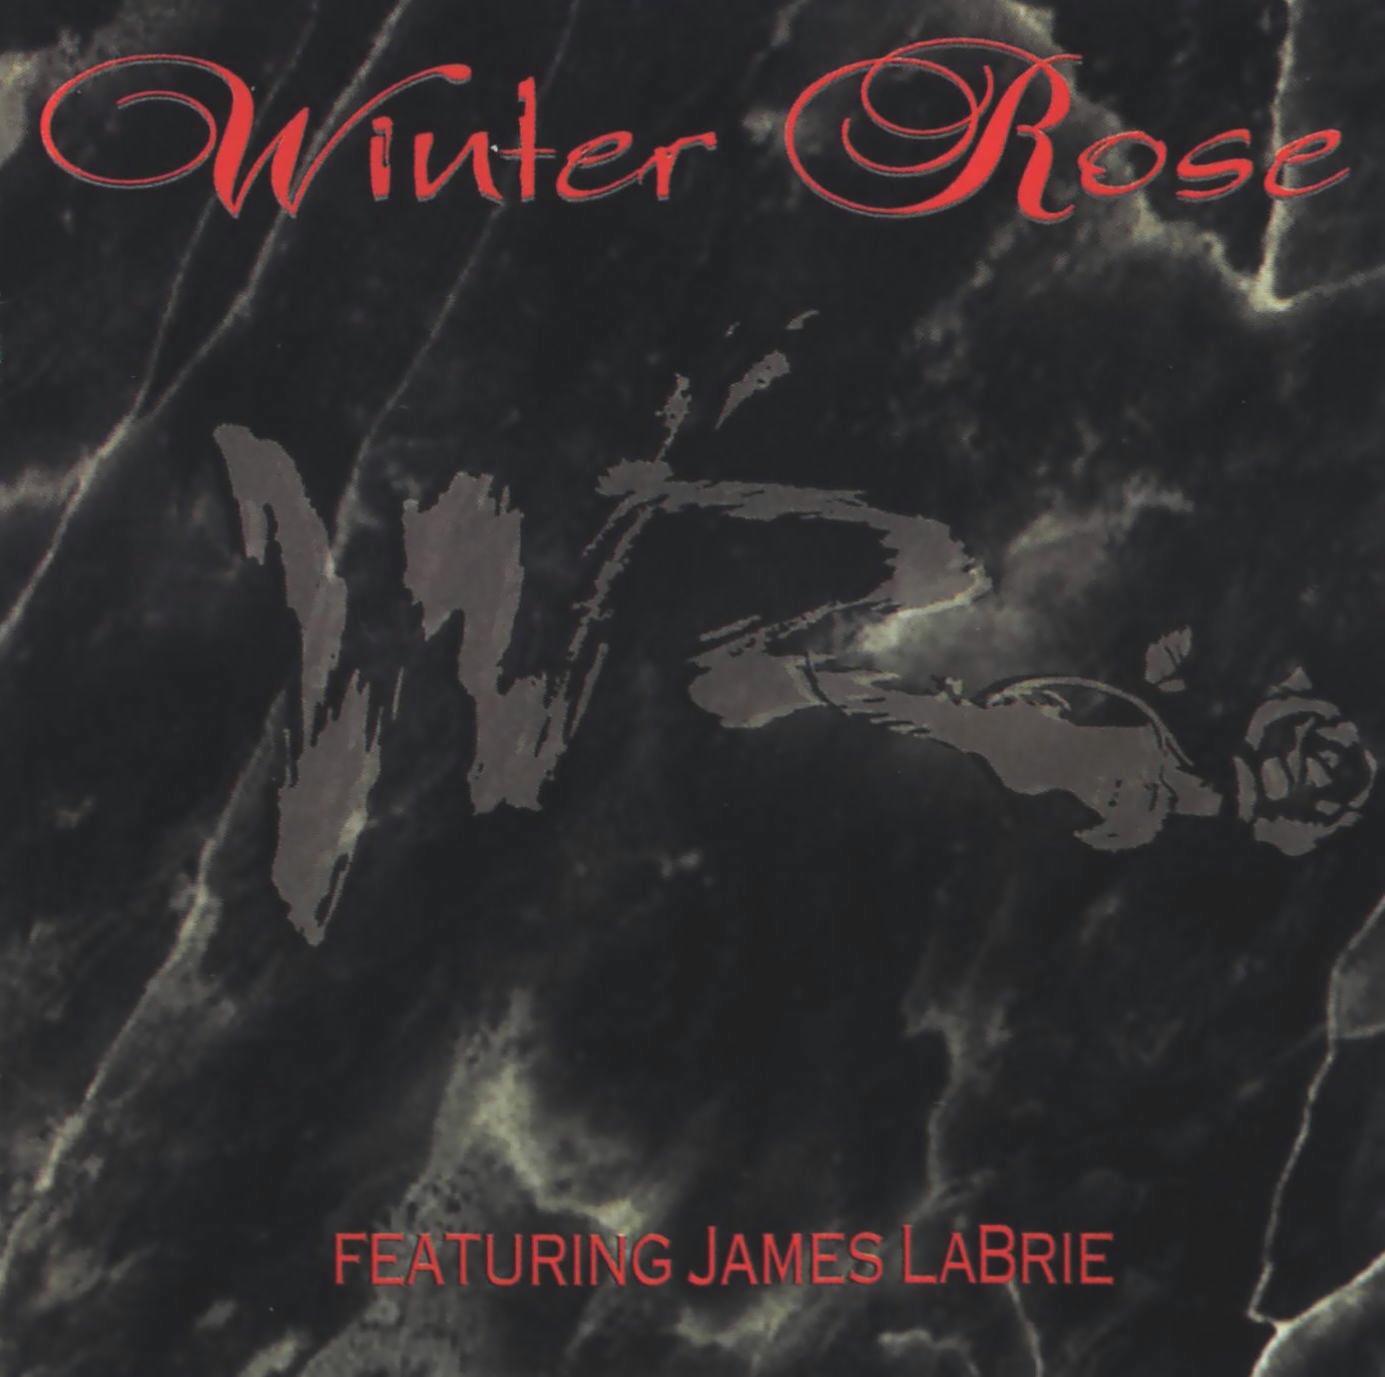 http://3.bp.blogspot.com/_OcBZlO2rX5A/SlkHuazGCfI/AAAAAAAABEw/JJYqfVbF9FQ/s1600/Winter_Rose_-_Winter_Rose_-_Front.jpg